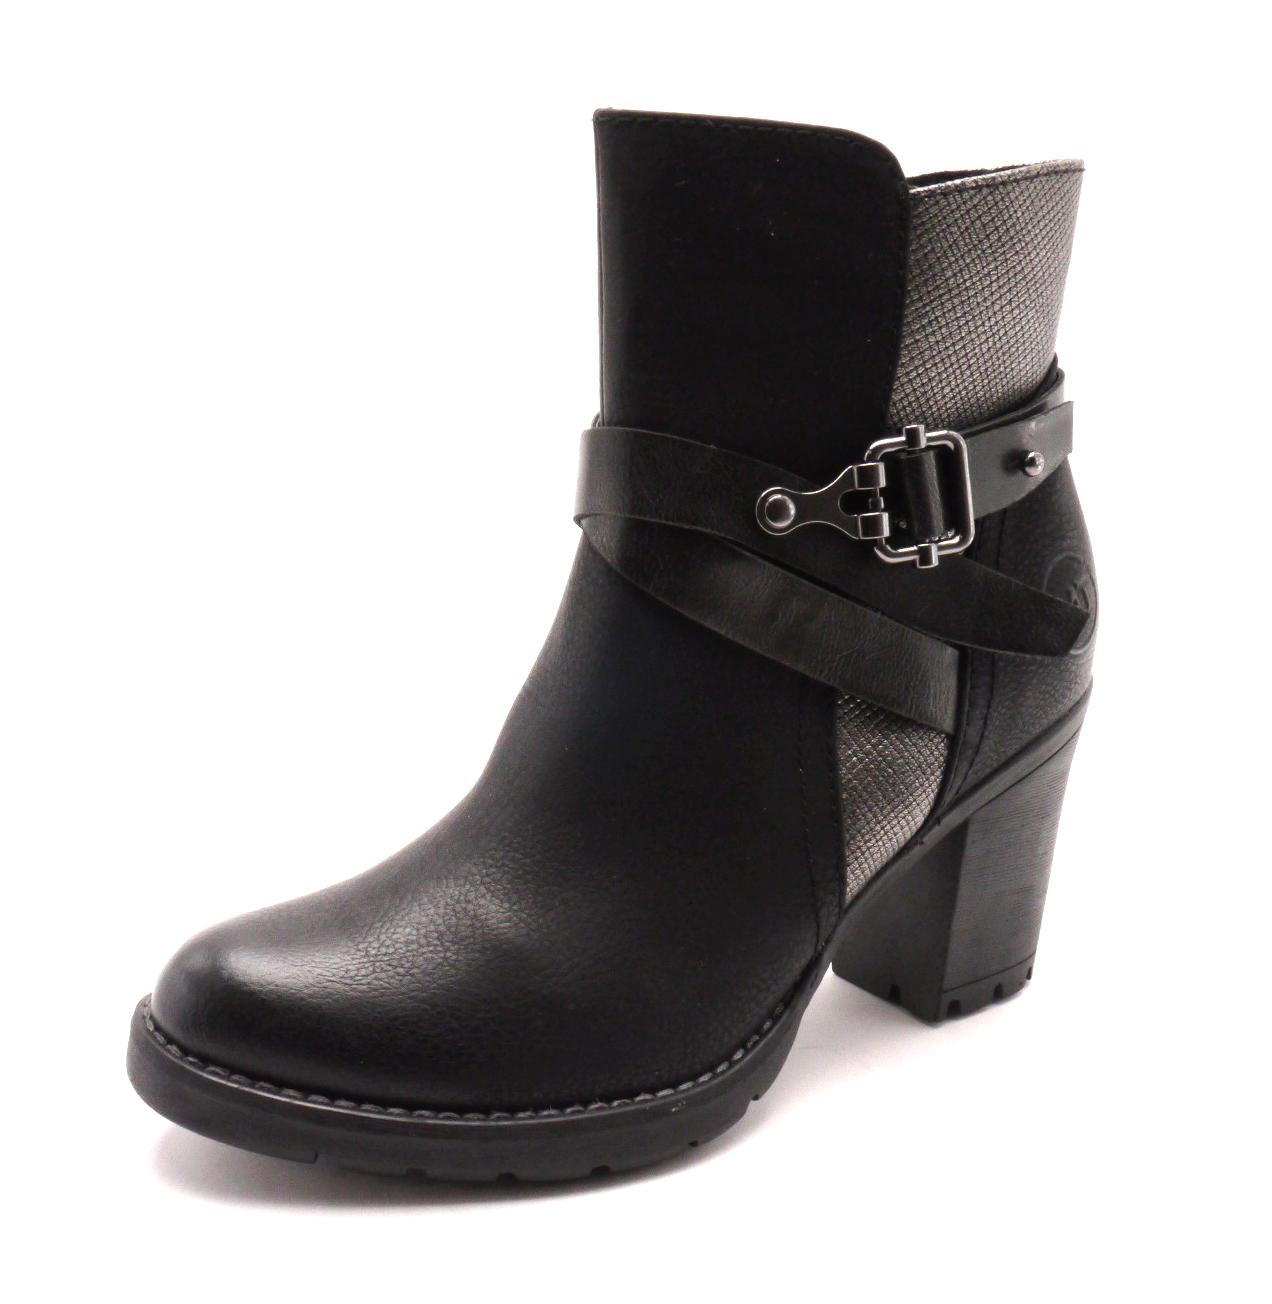 Marco Tozzi Dámské ozdobné kotníkové boty 2-25411-29 Velikost: 36